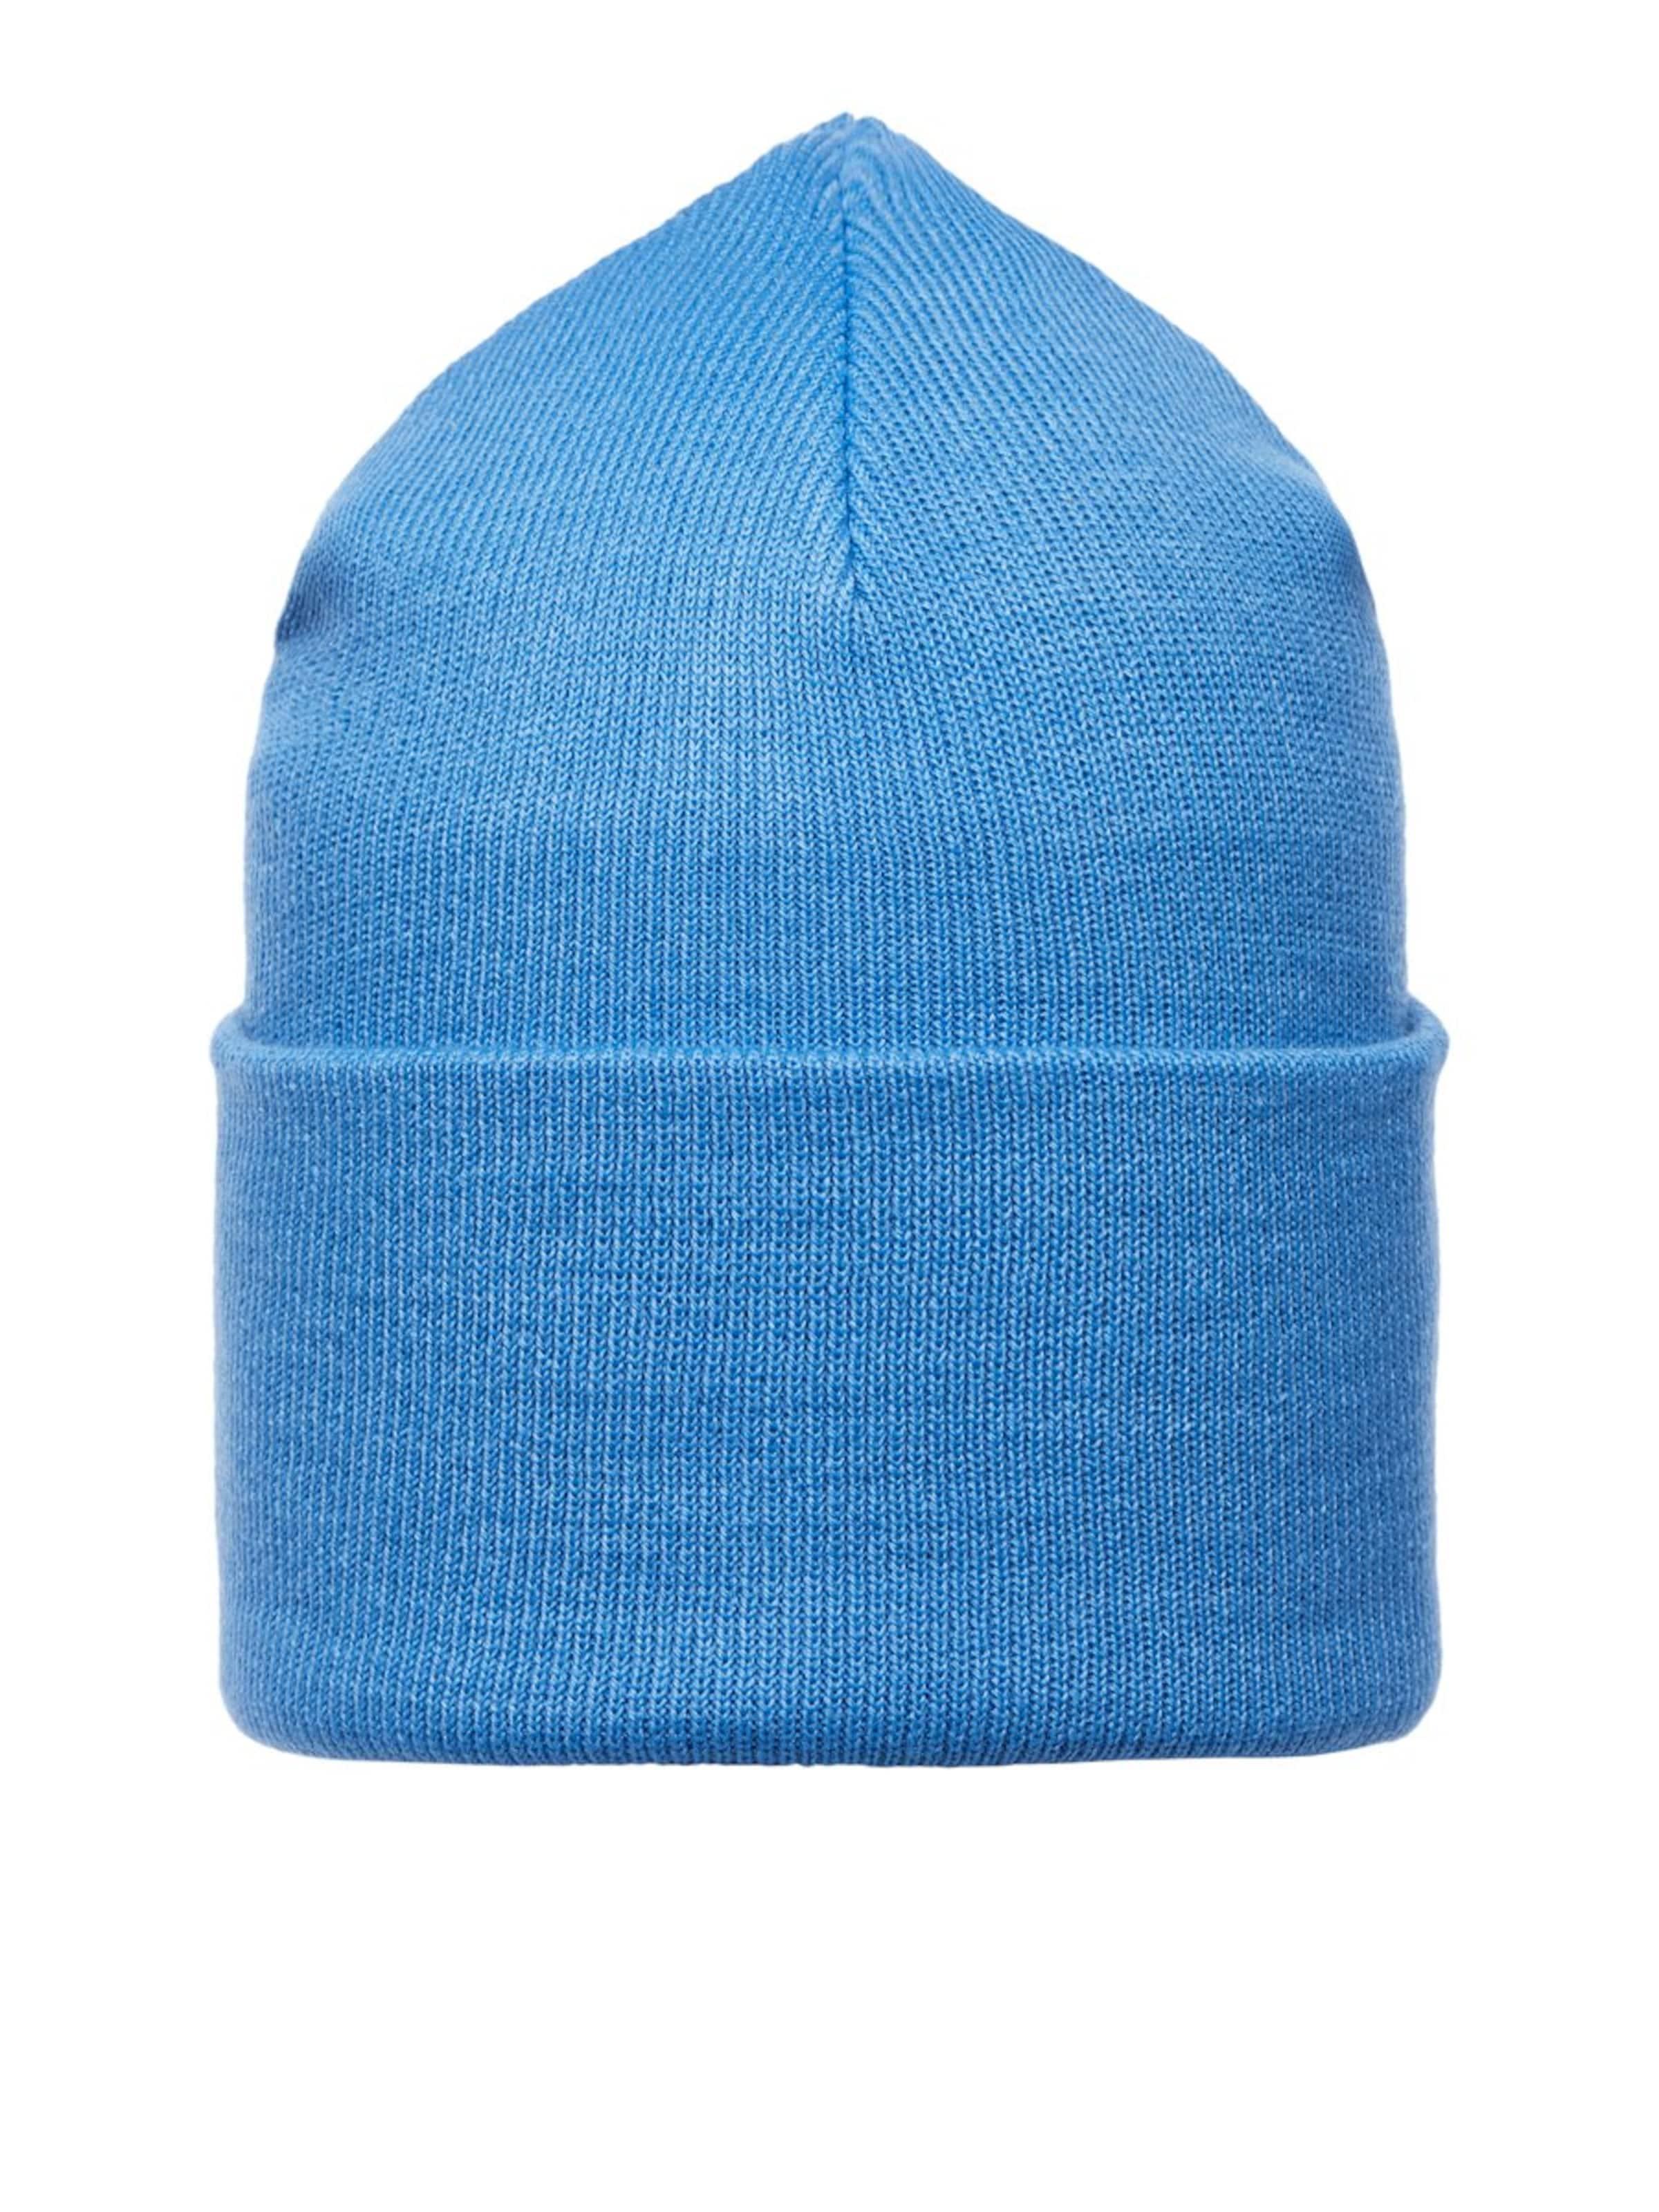 Jackamp; Mütze Mütze Himmelblau Jones In Jackamp; In Jackamp; Jones Mütze Jones In Himmelblau 5RL4j3A